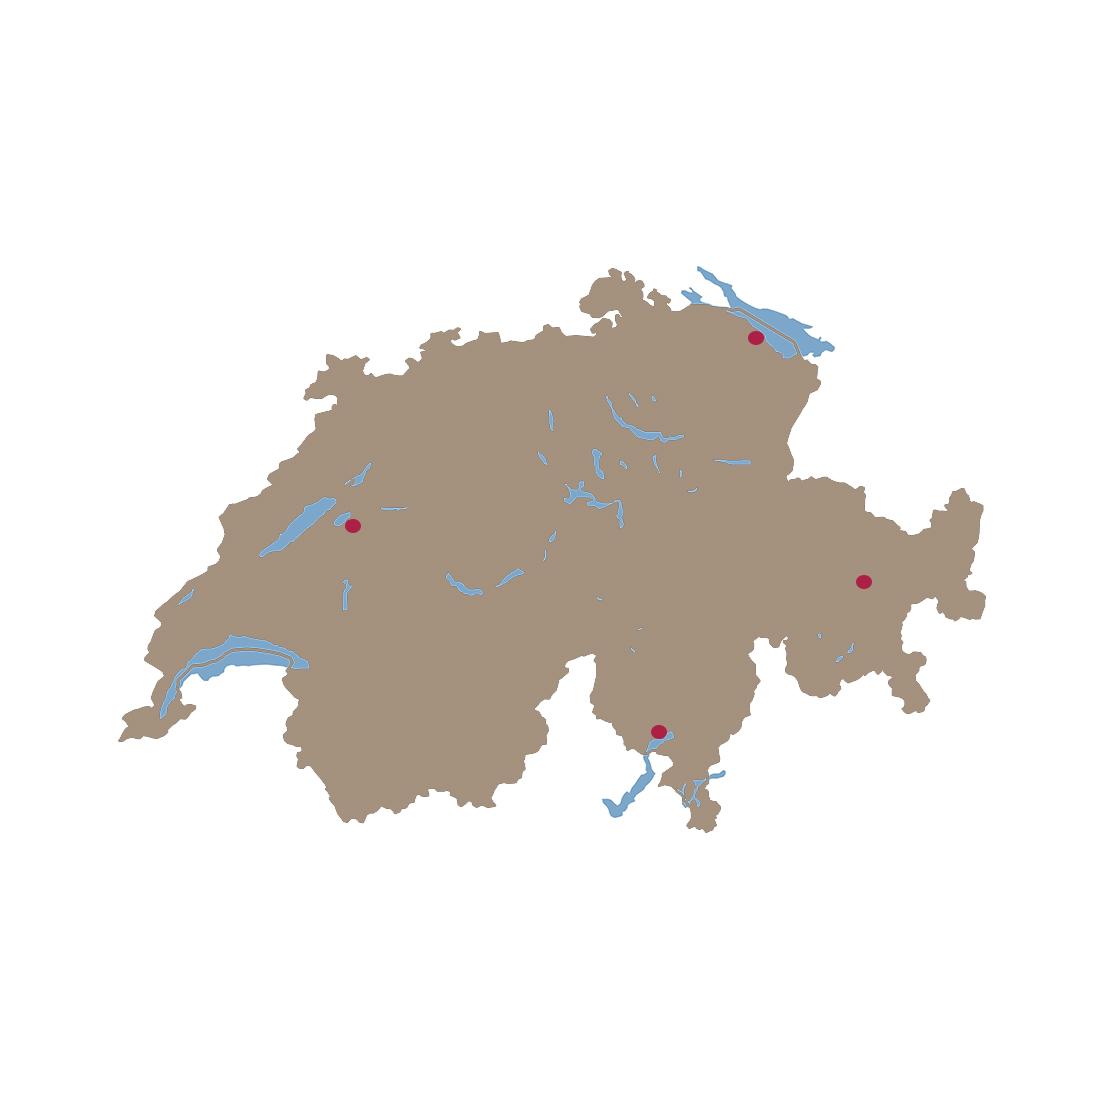 Schweizer_Karte_05